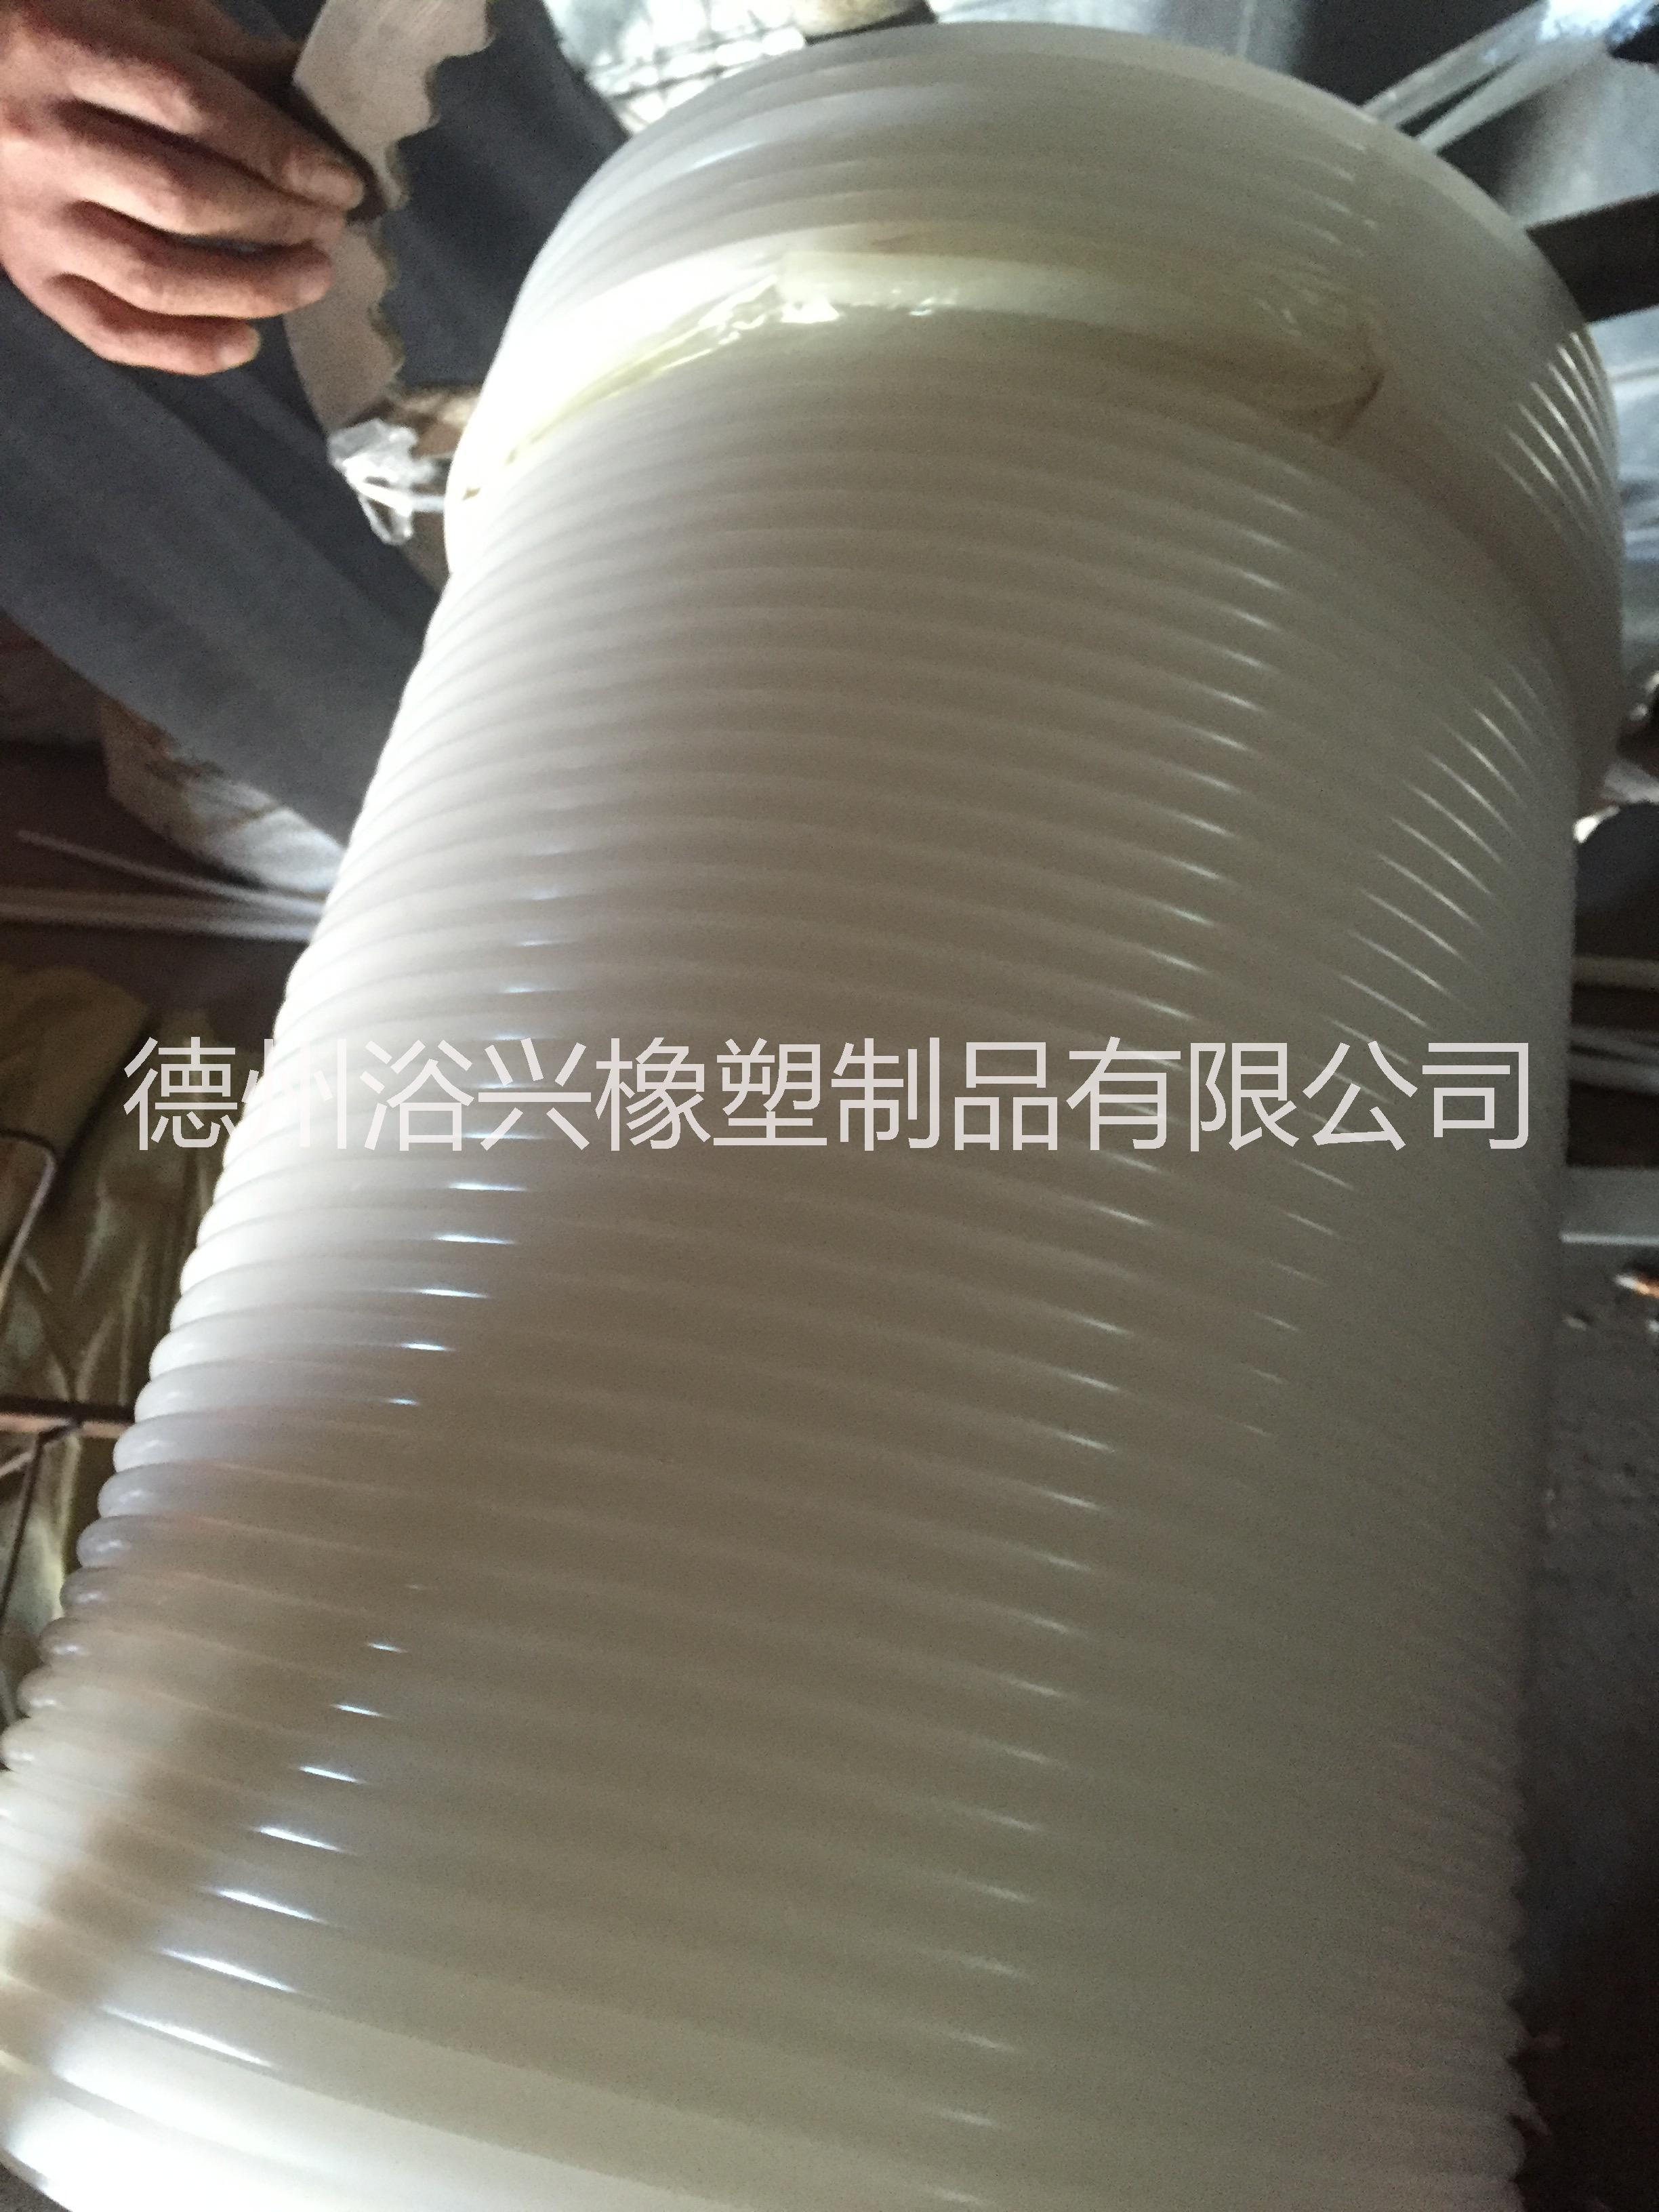 供应山东浴兴生产销售小直径聚乙烯管 小直径pe管3-30mm现货供应 pe管规格 聚乙烯管价格